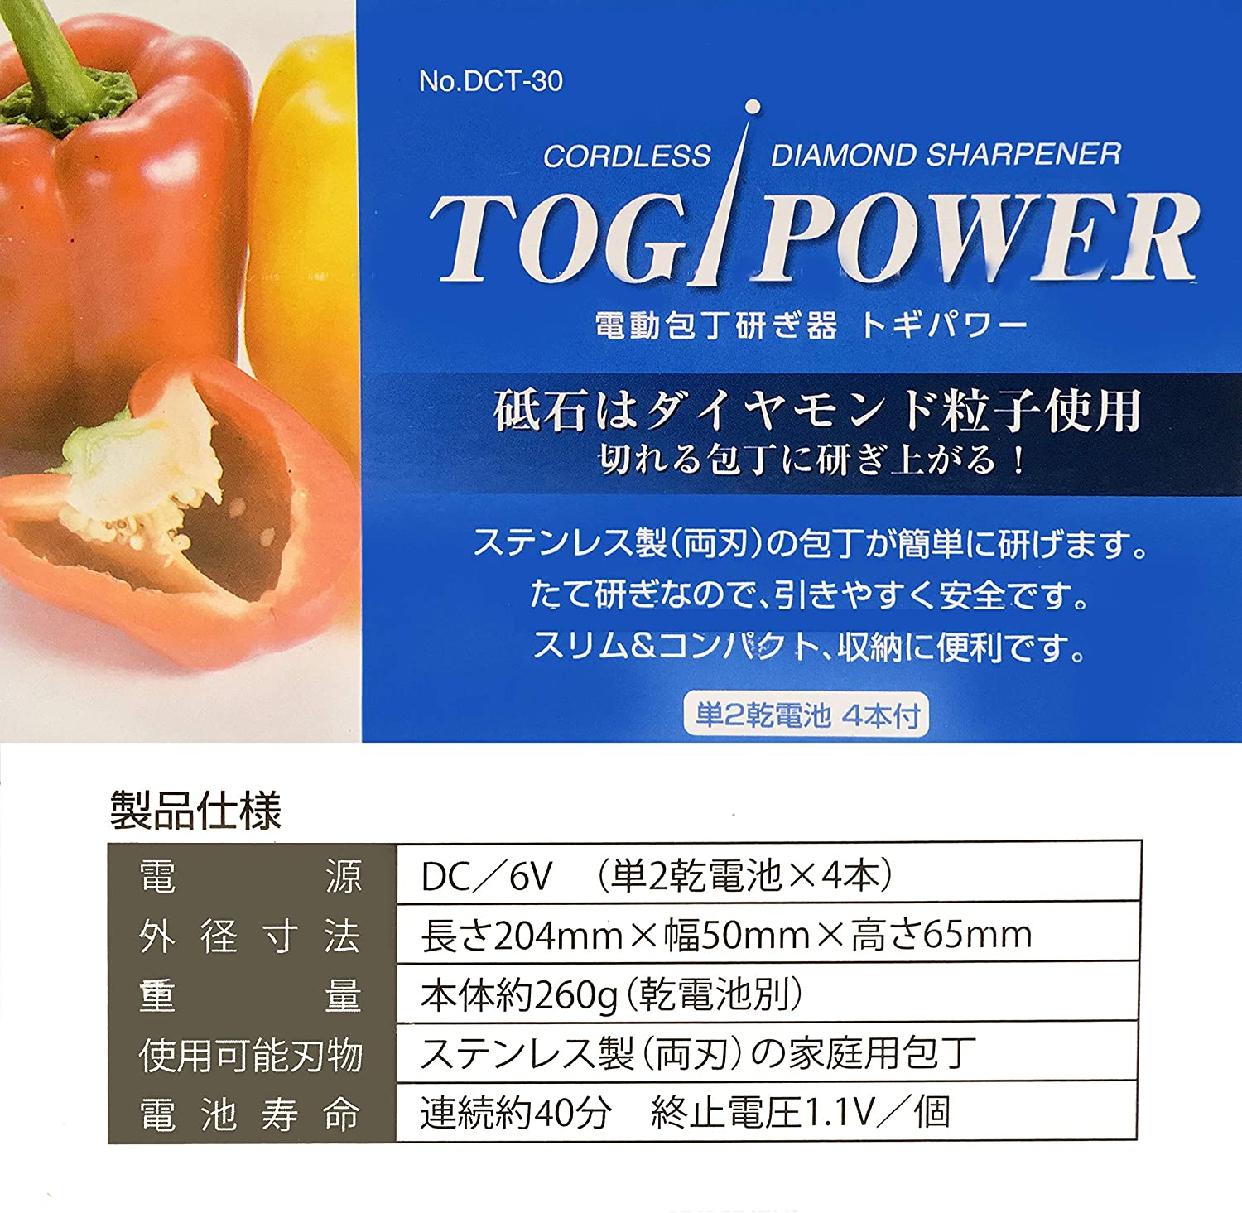 下村工業(シモムラコウギョウ) 電動包丁研ぎ器 トギパワー DCT-30の商品画像7